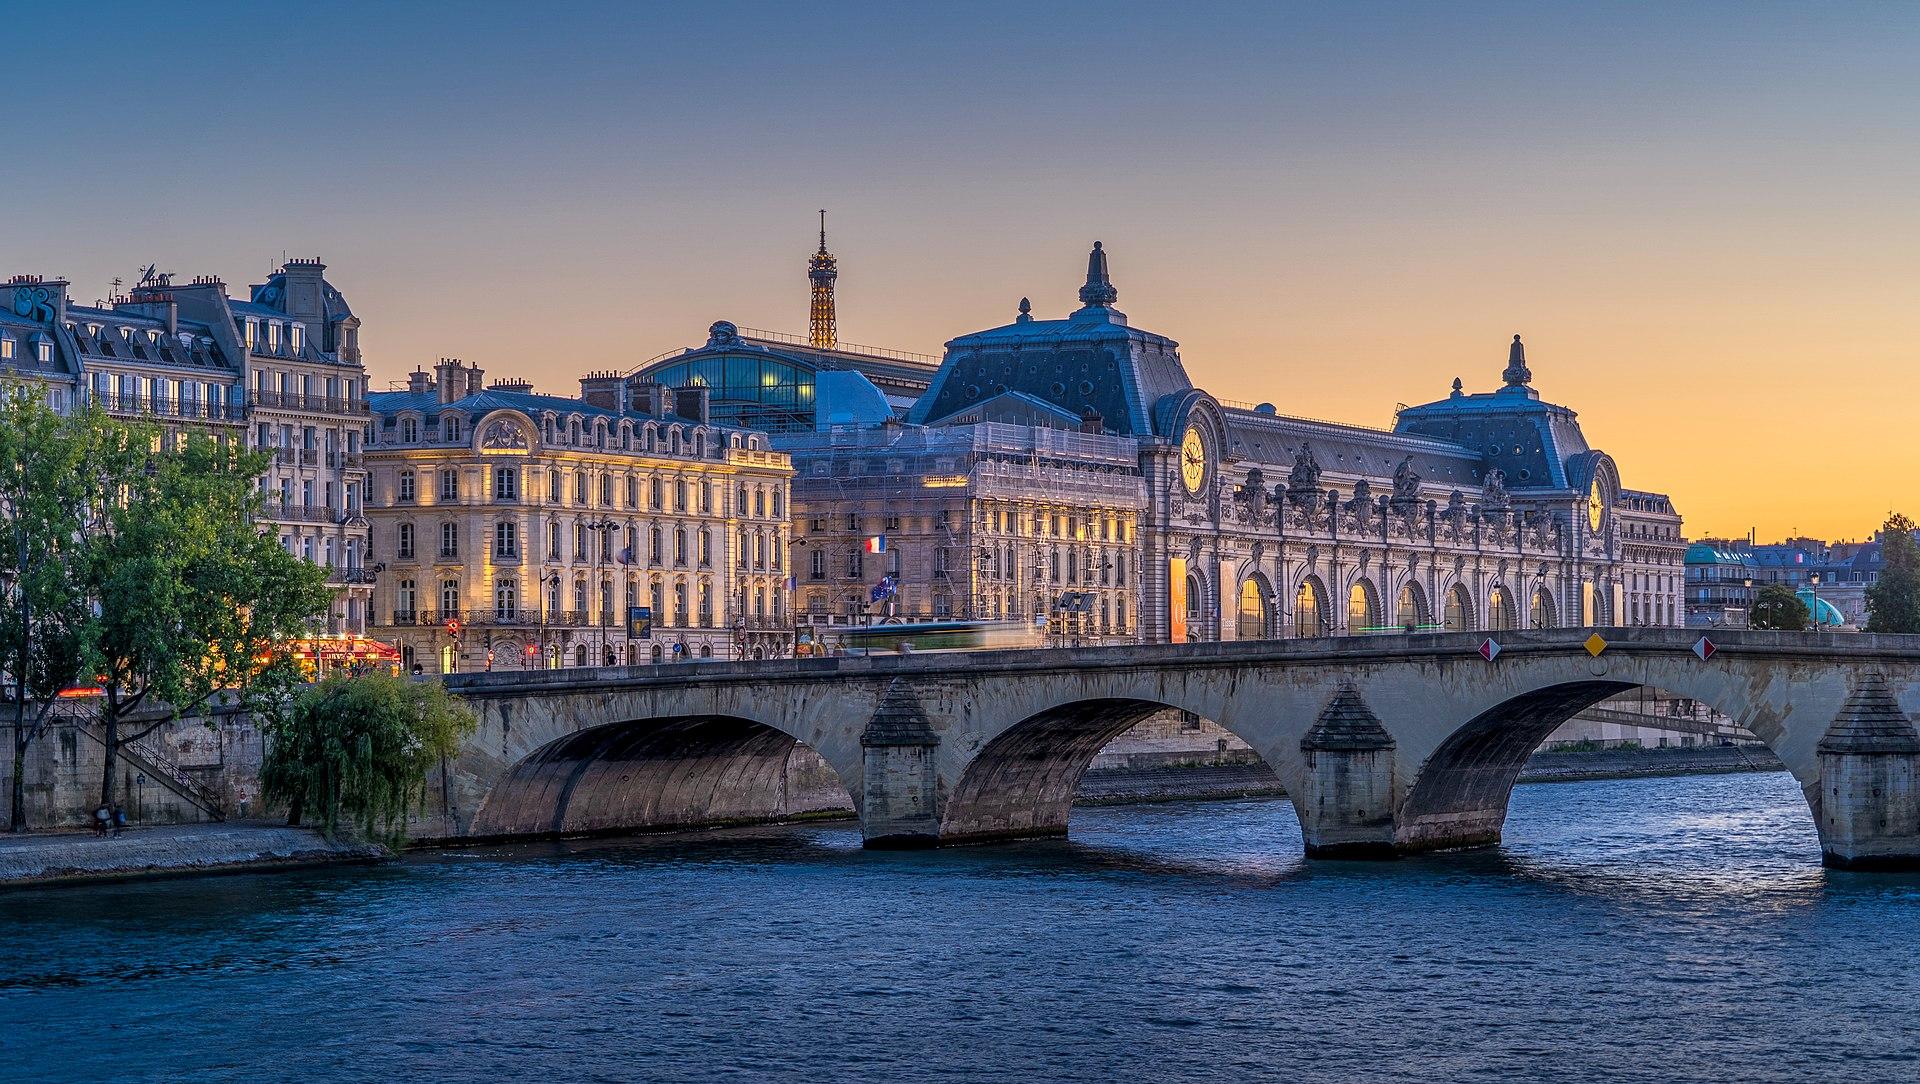 1920px-pont_royal_and_musee_dorsay_paris_10_july_2020